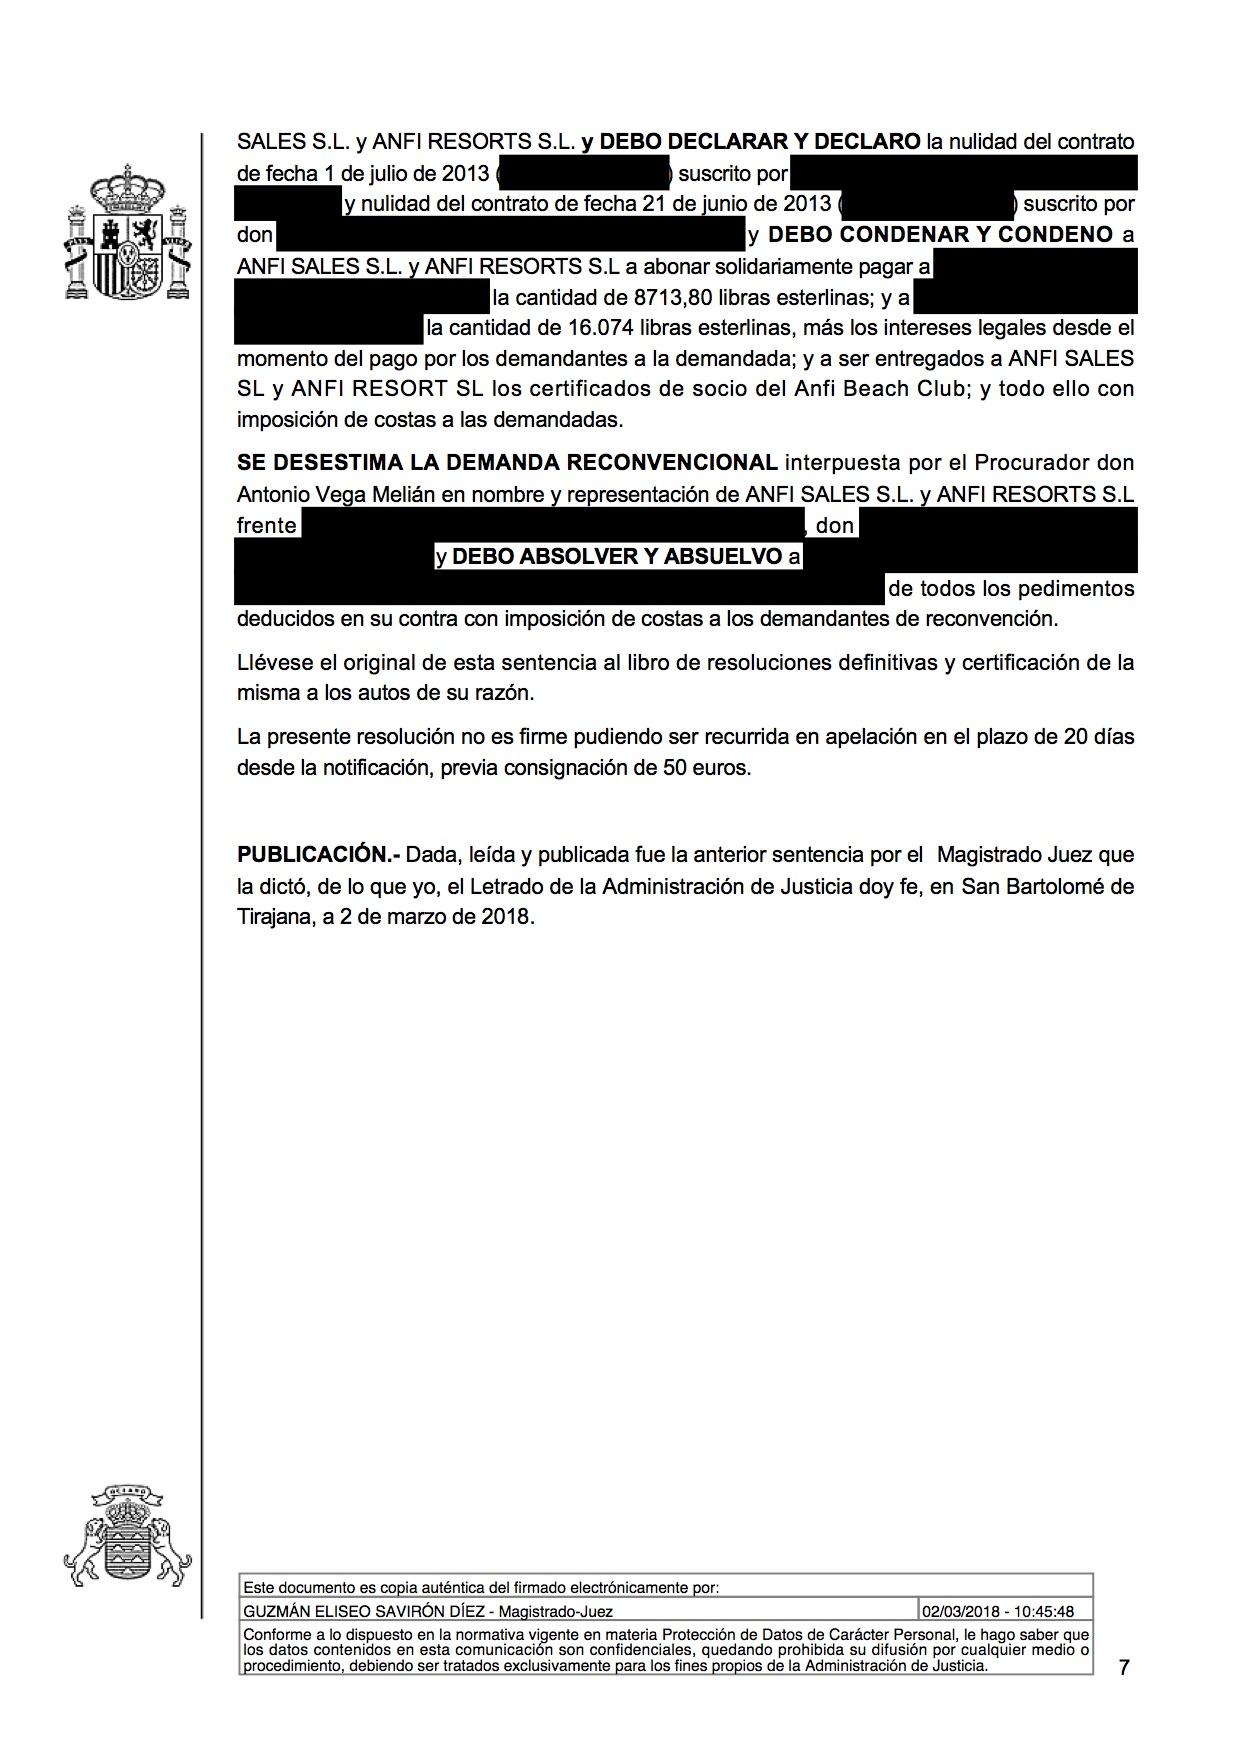 18-03-05 STEPHEN & THOMAS. Sentencia Primera Instancia. SBT3. Estimatoria integra con efectos y costas. Rechaza reconvención. Página 3.jpg